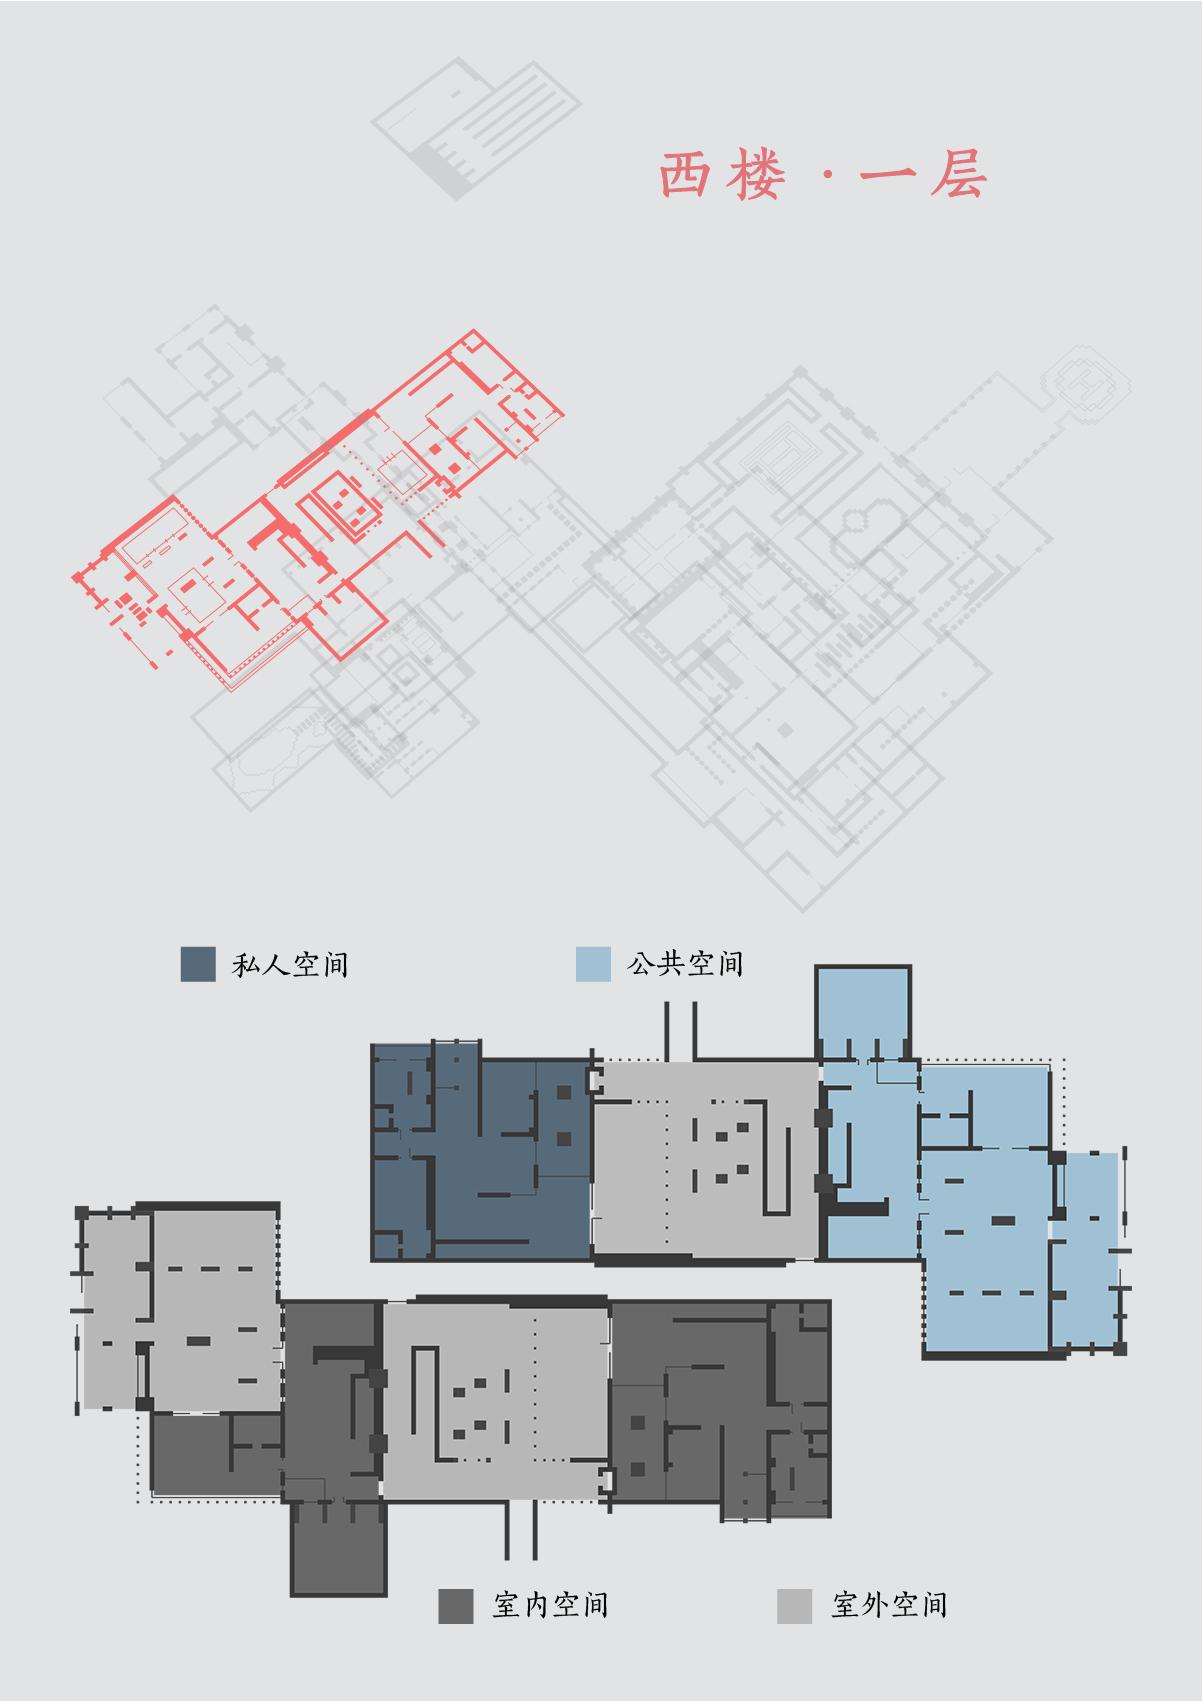 【我的别墅现代建筑群】贵阳v别墅世界--源梦岛湖区海岛别墅观山图片